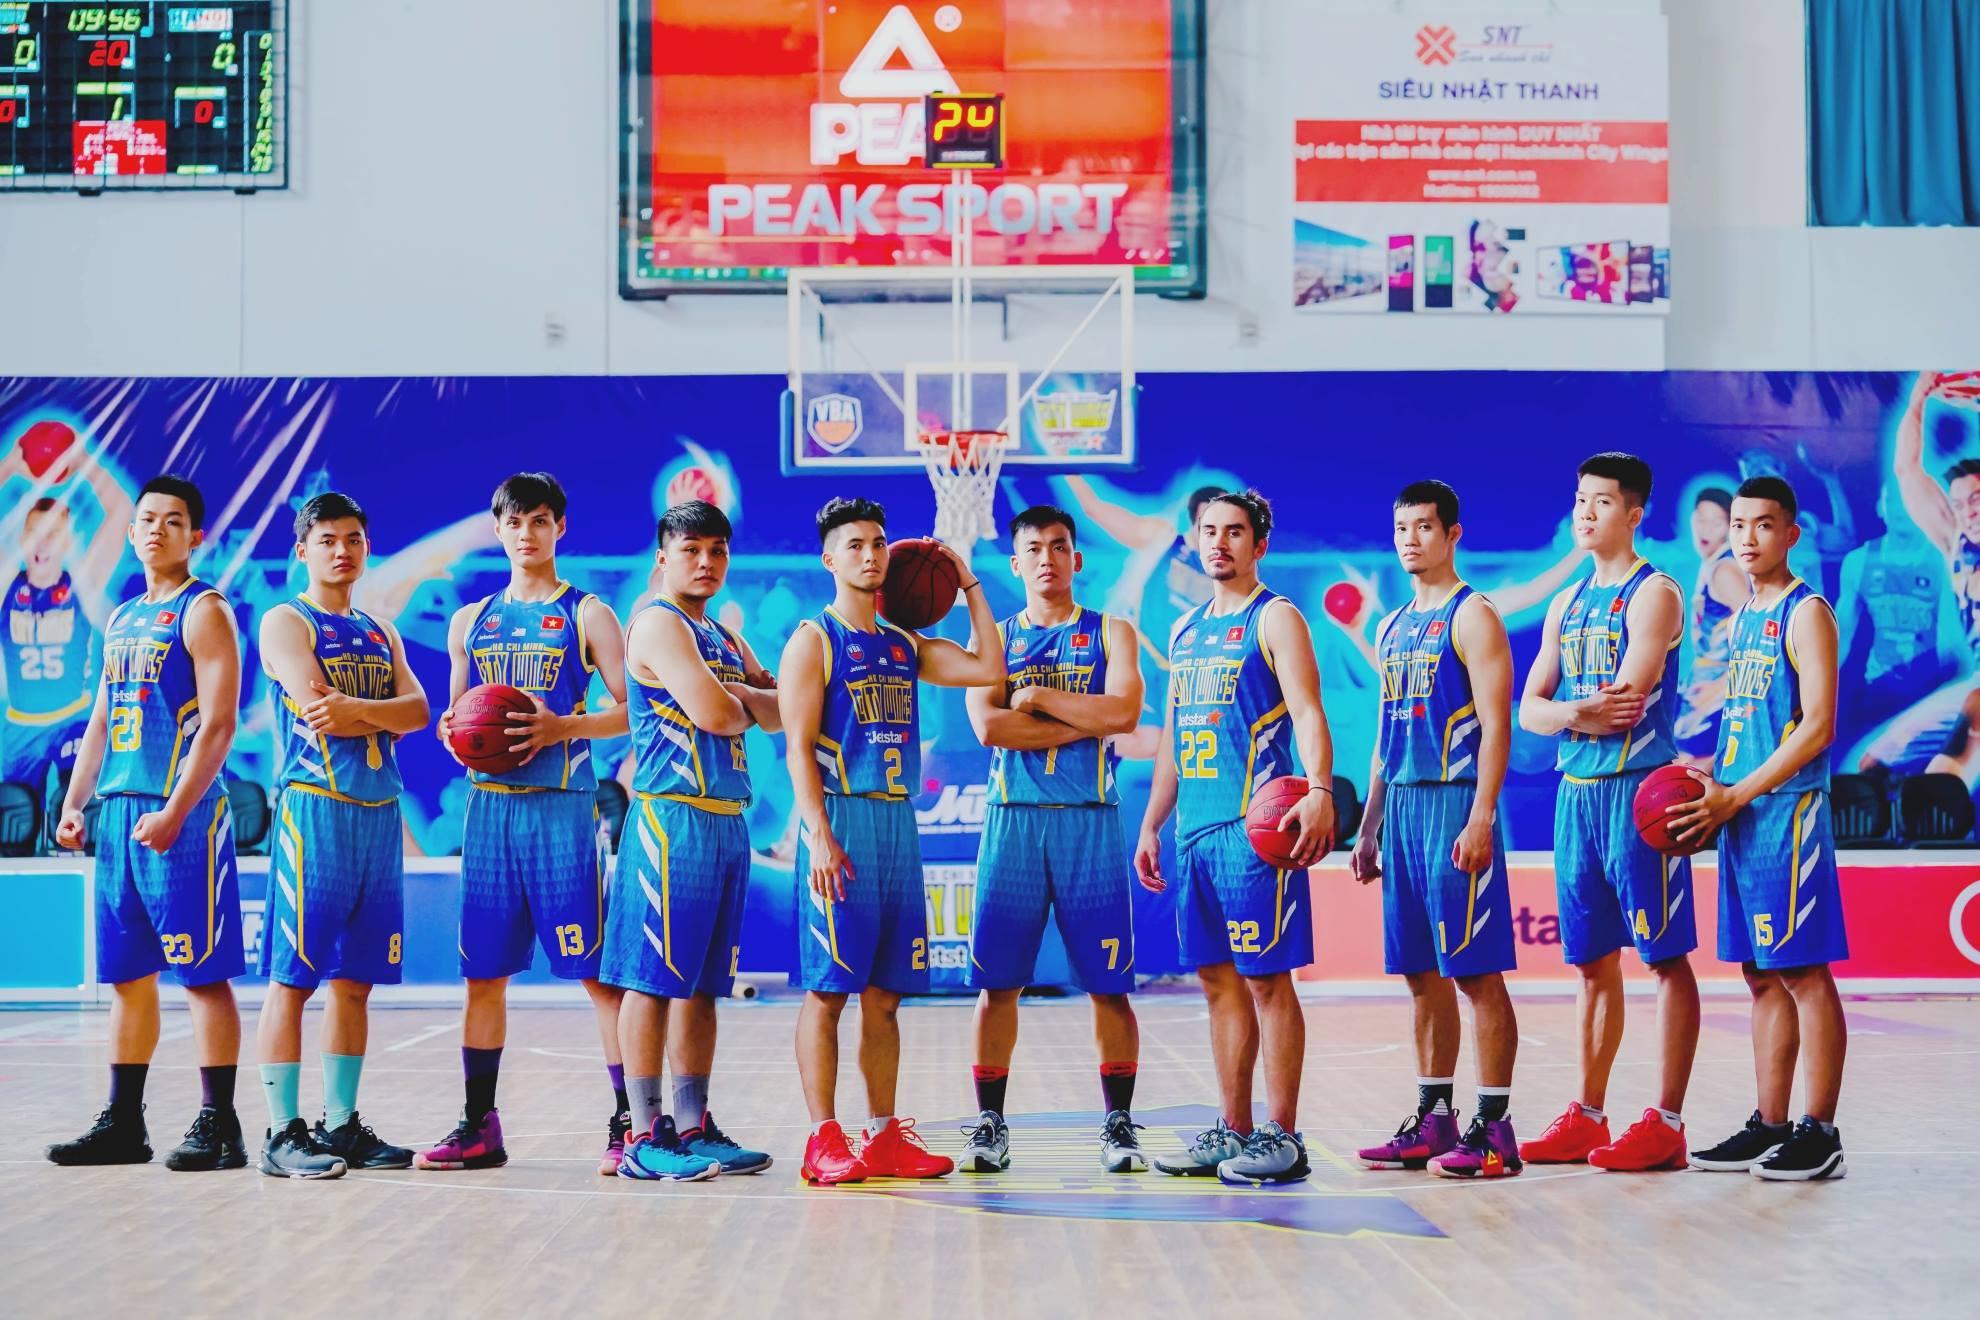 PEAK Sport – Từ bóng rổ đến đam mê cho giày chạy bộ - Ảnh 3.